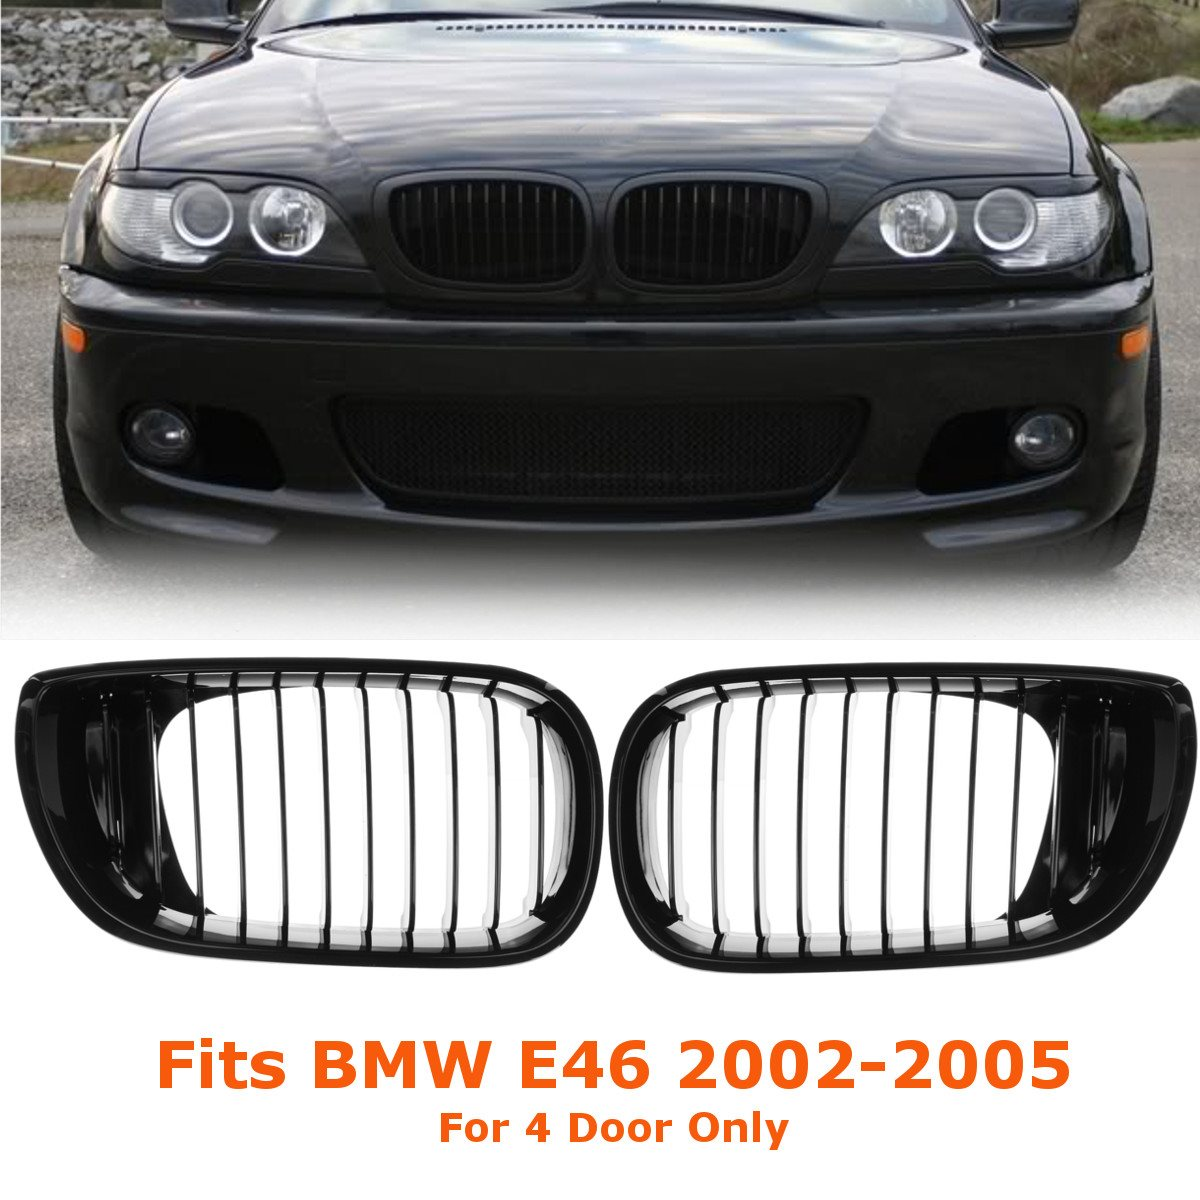 2 pçs carro gloss preto frente rim corrida grade grill para bmw e46 lci 4d 325i facelift 2002 2003 2004 2005